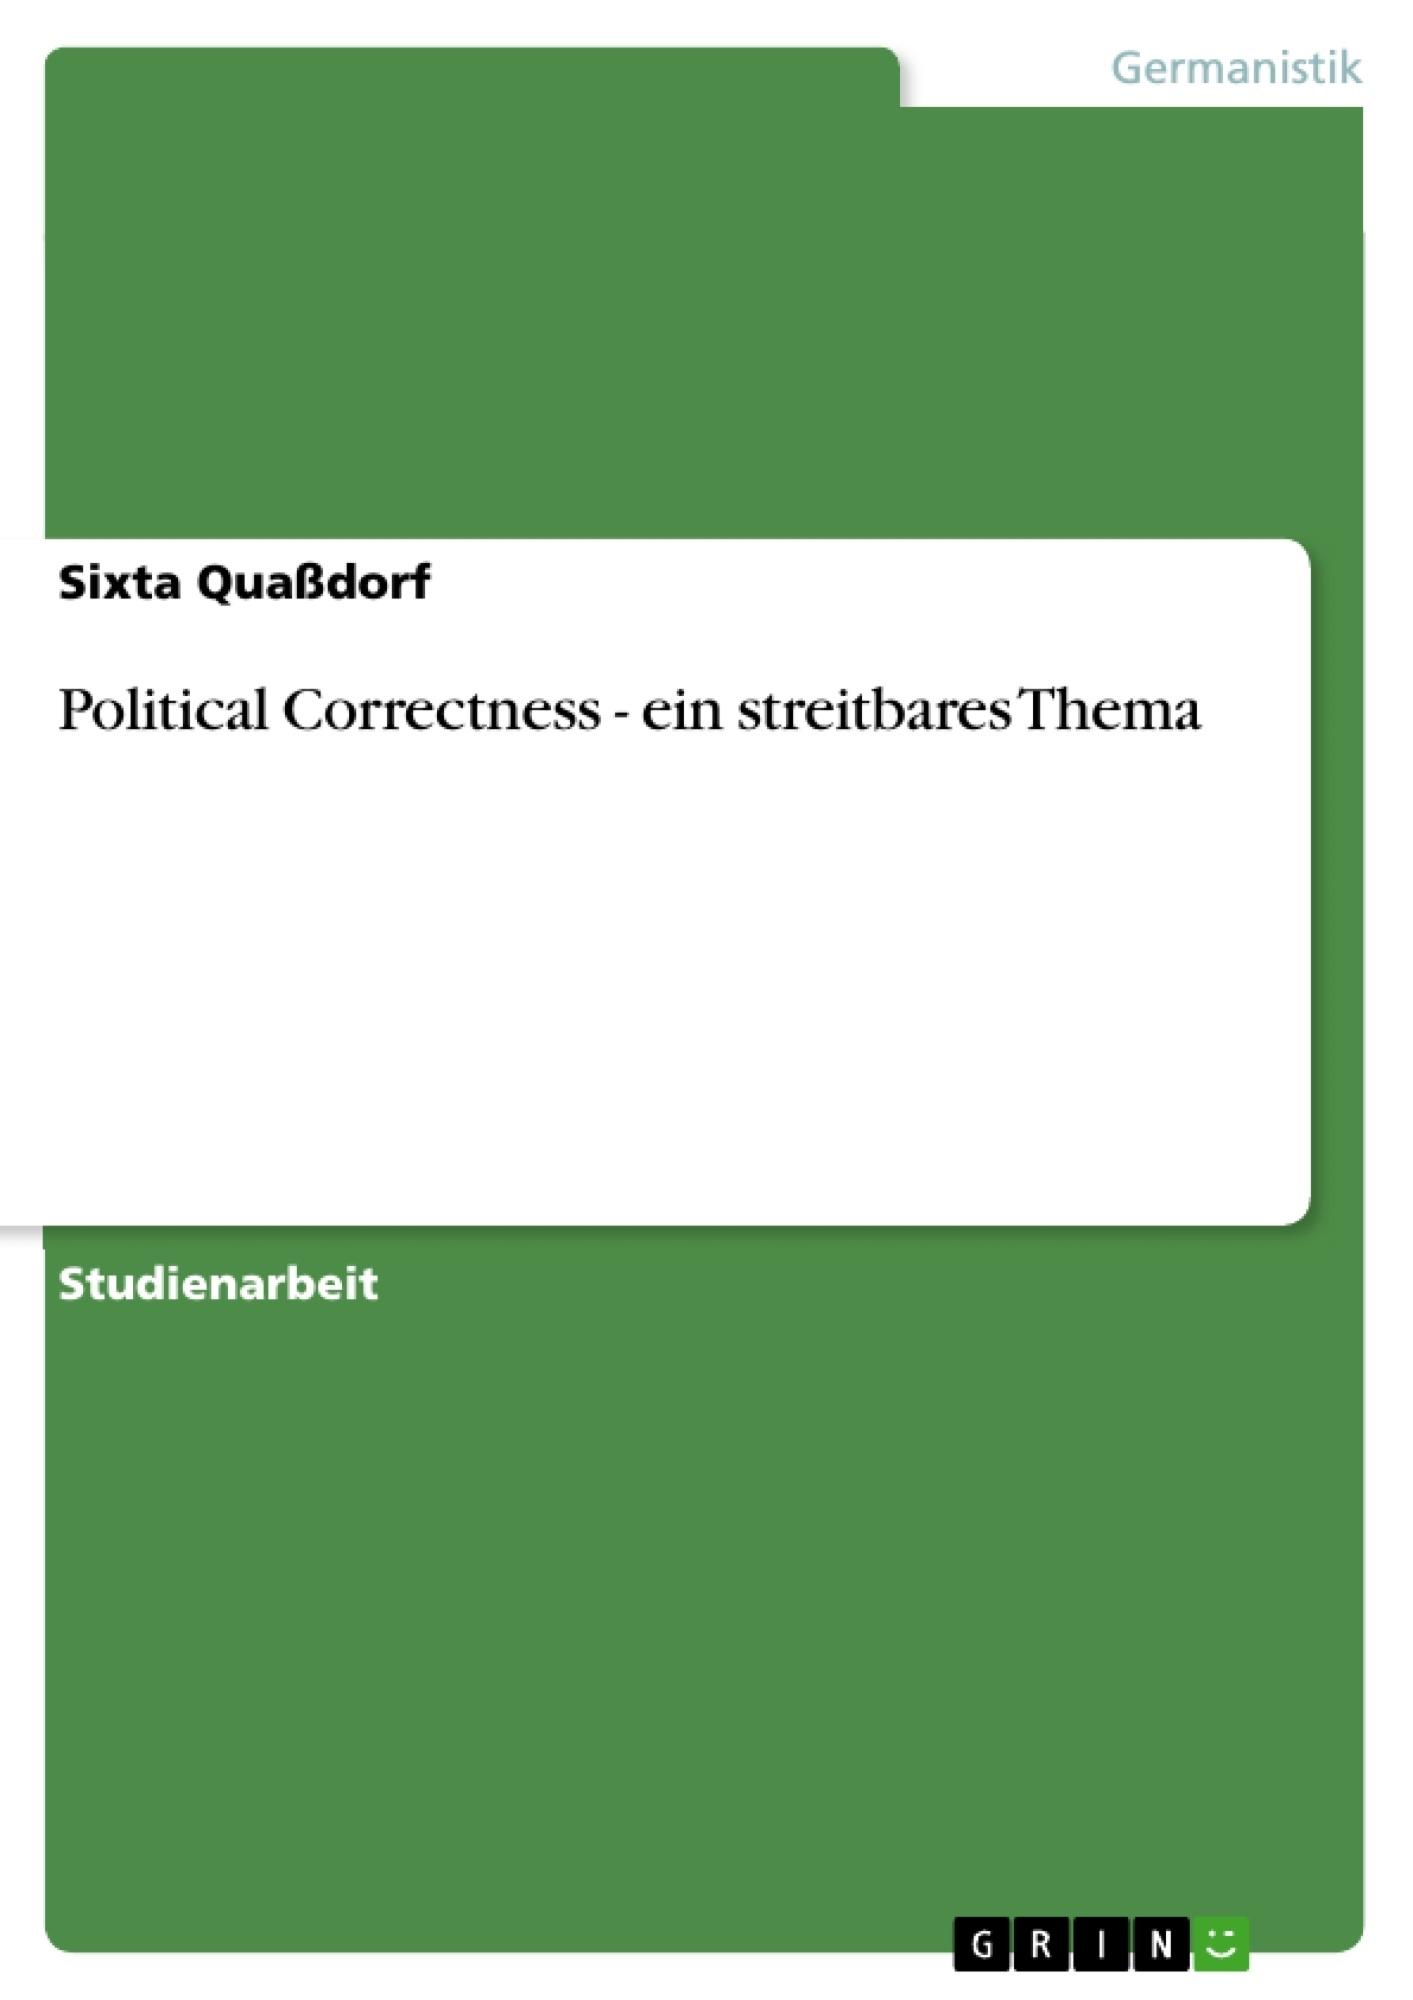 Titel: Political Correctness - ein streitbares Thema